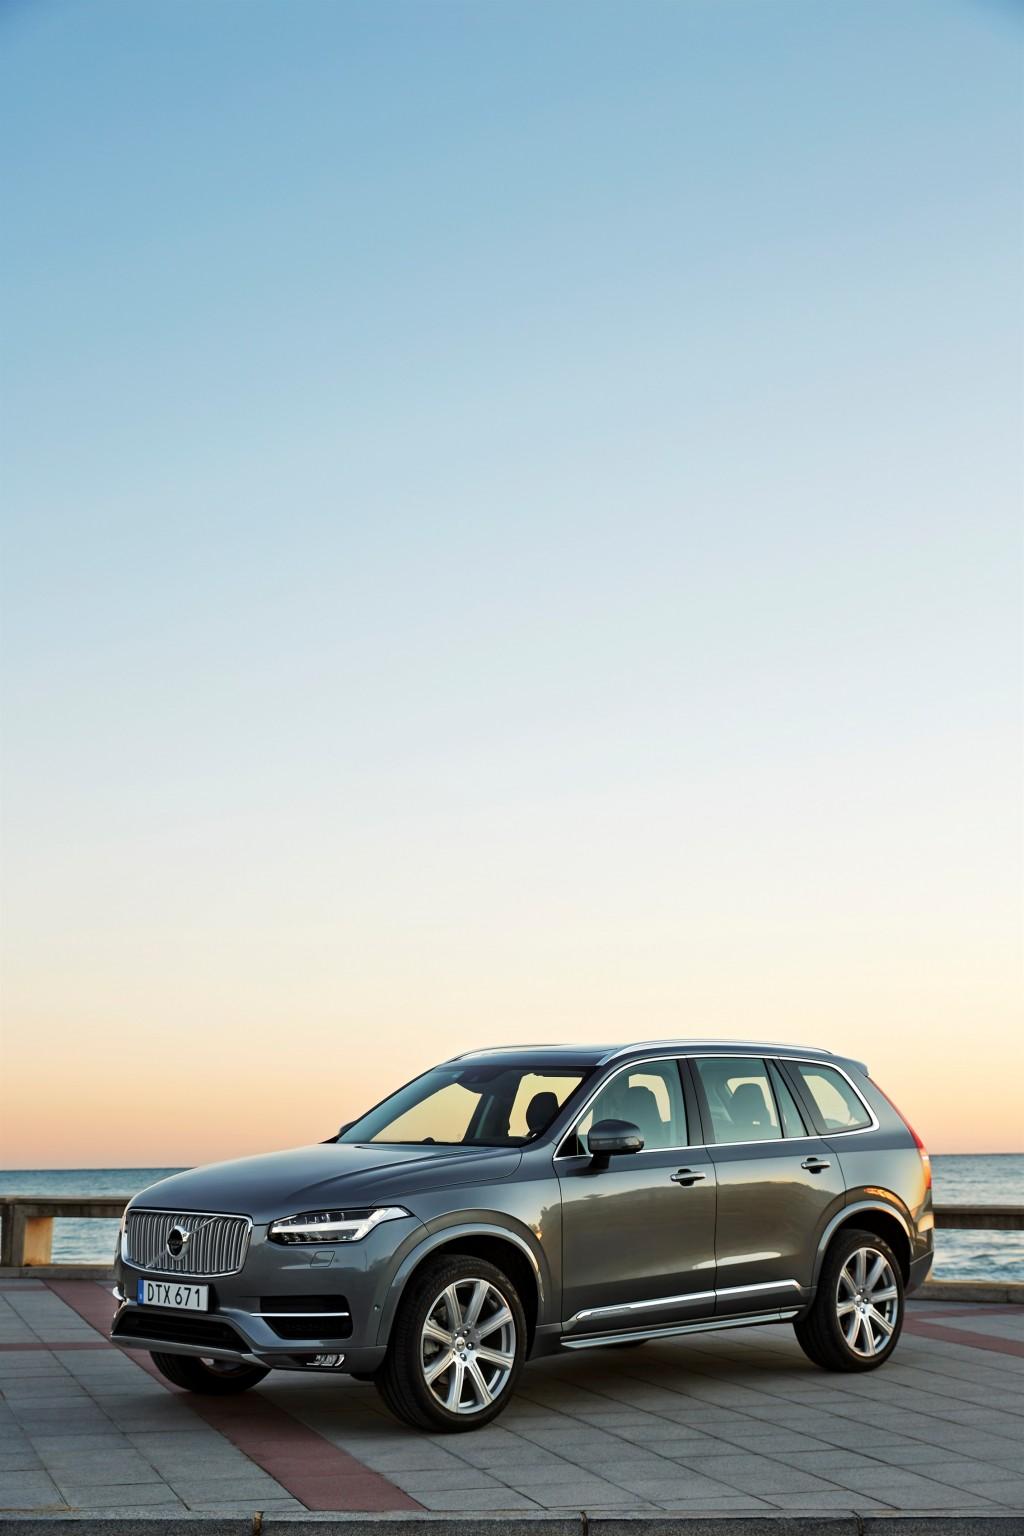 157805_The_new_Volvo_XC90